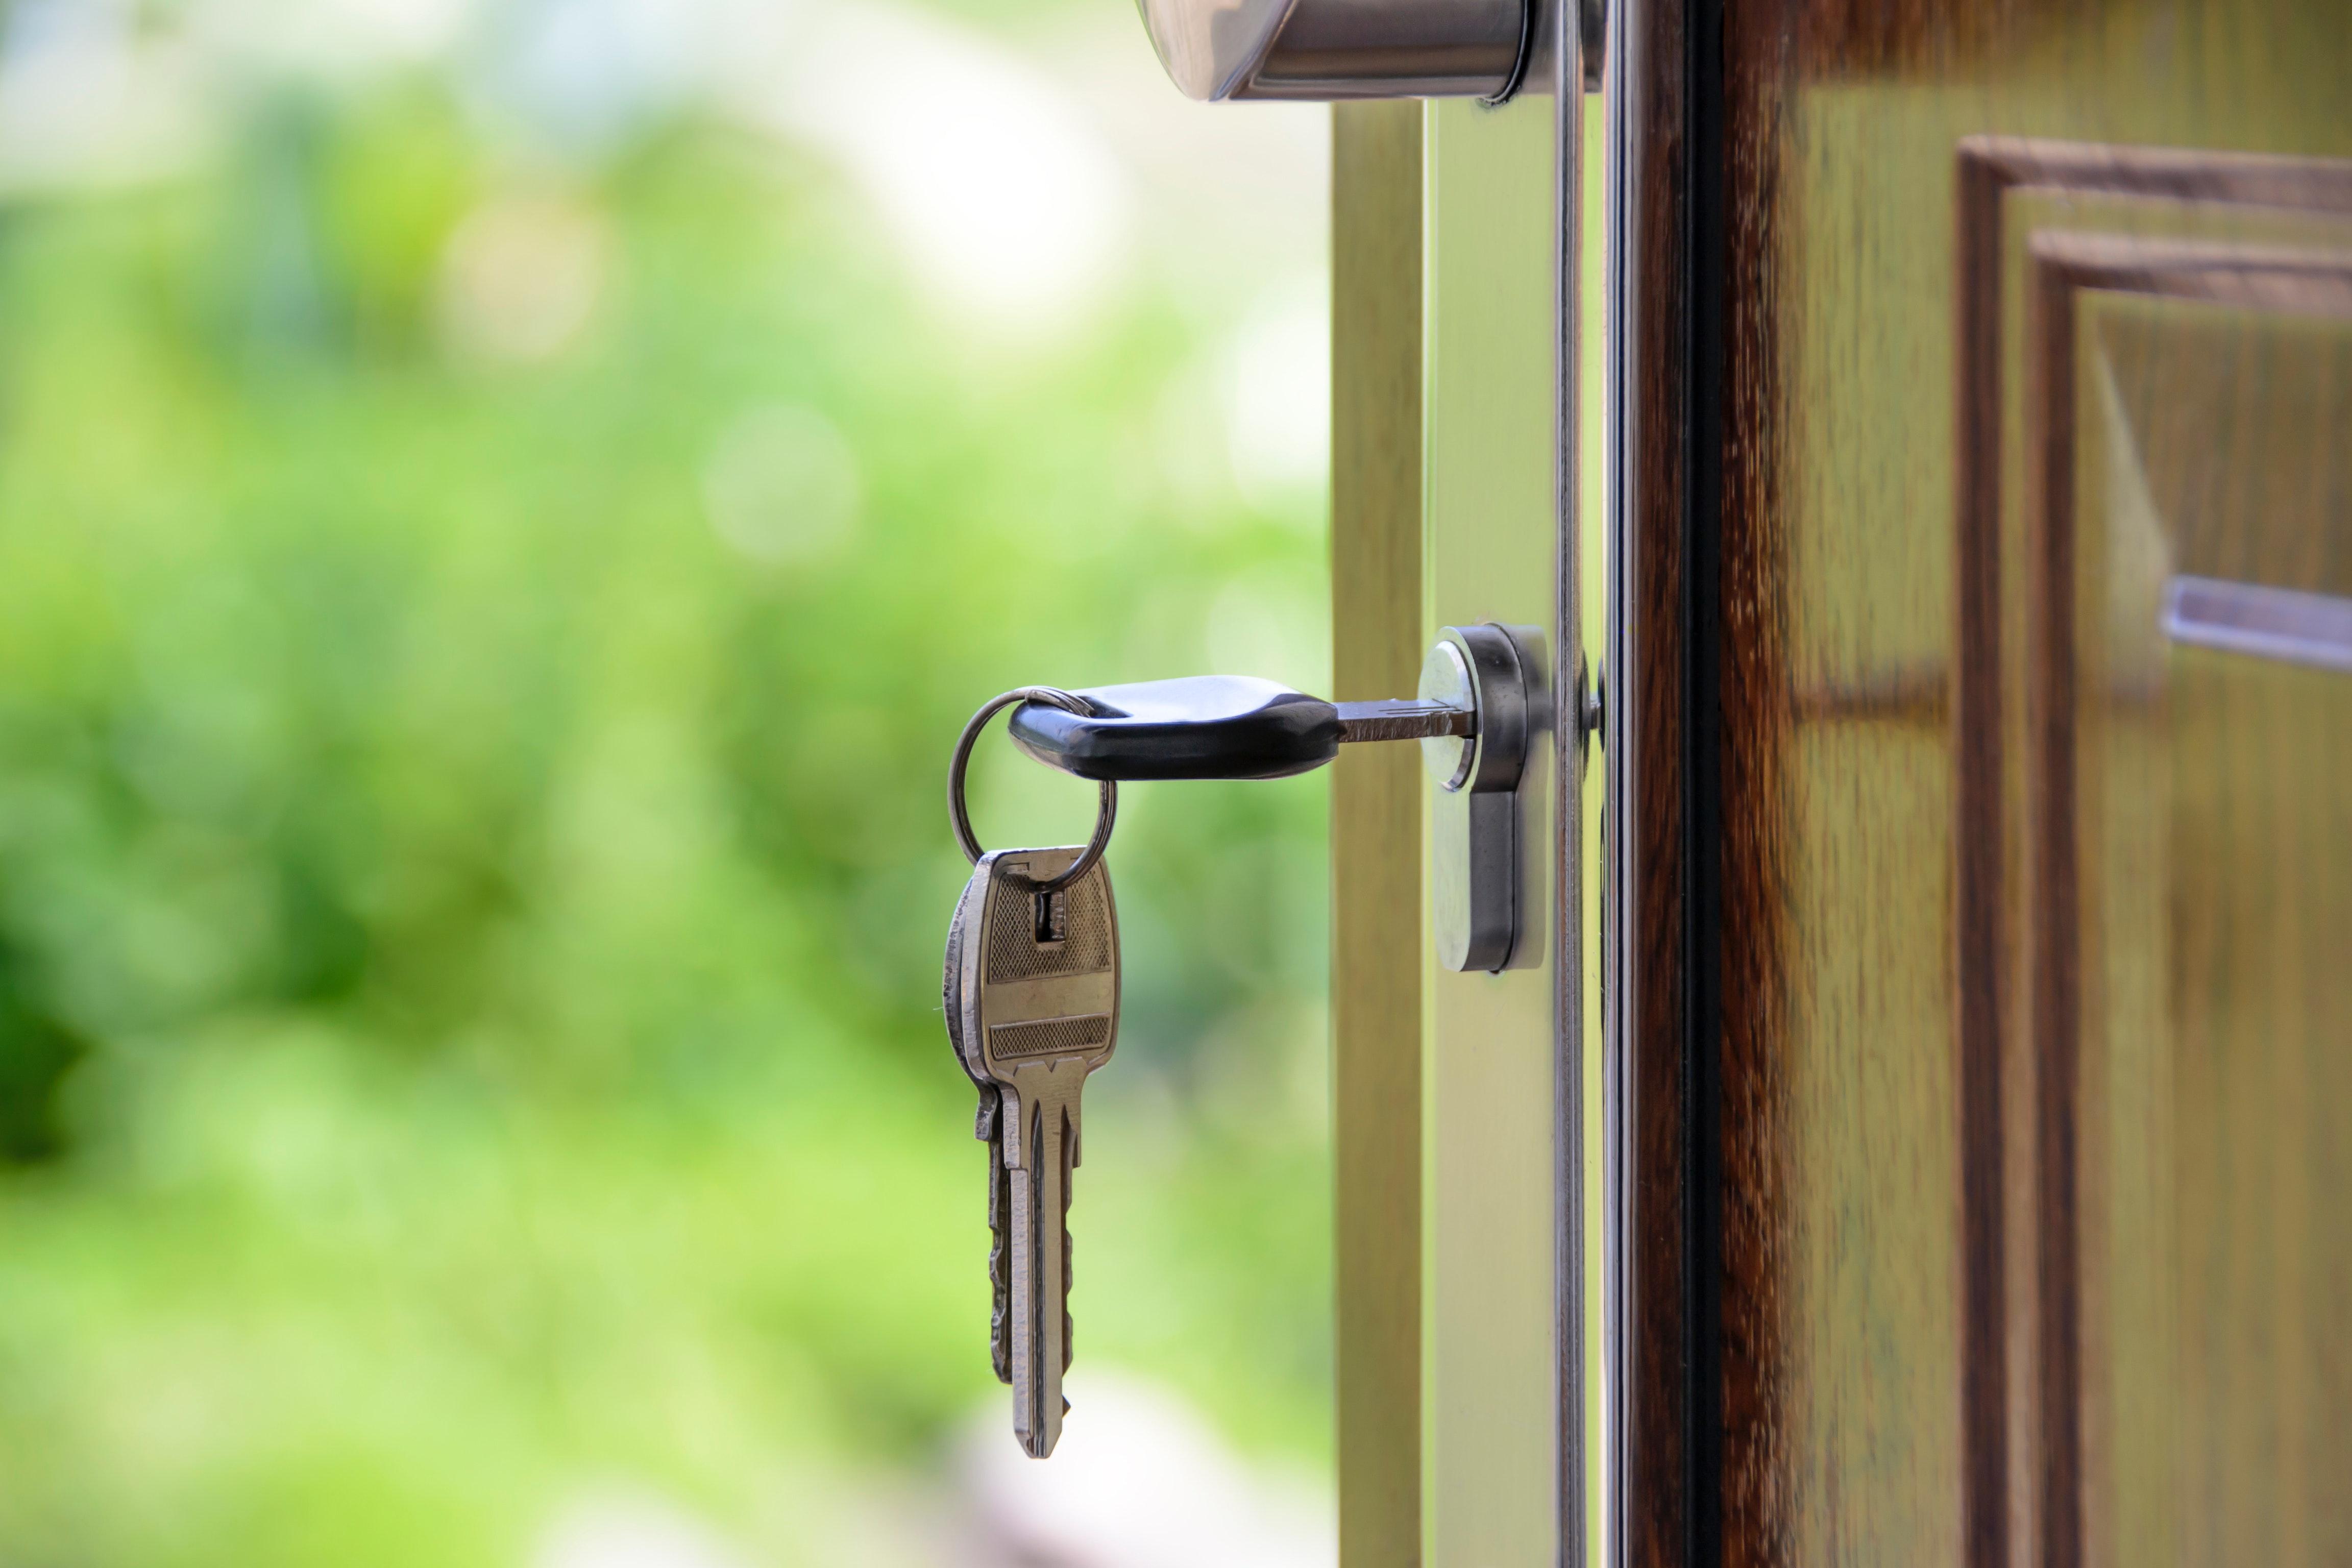 Umowa najmu lokalu mieszkalnego – zwrot kaucji